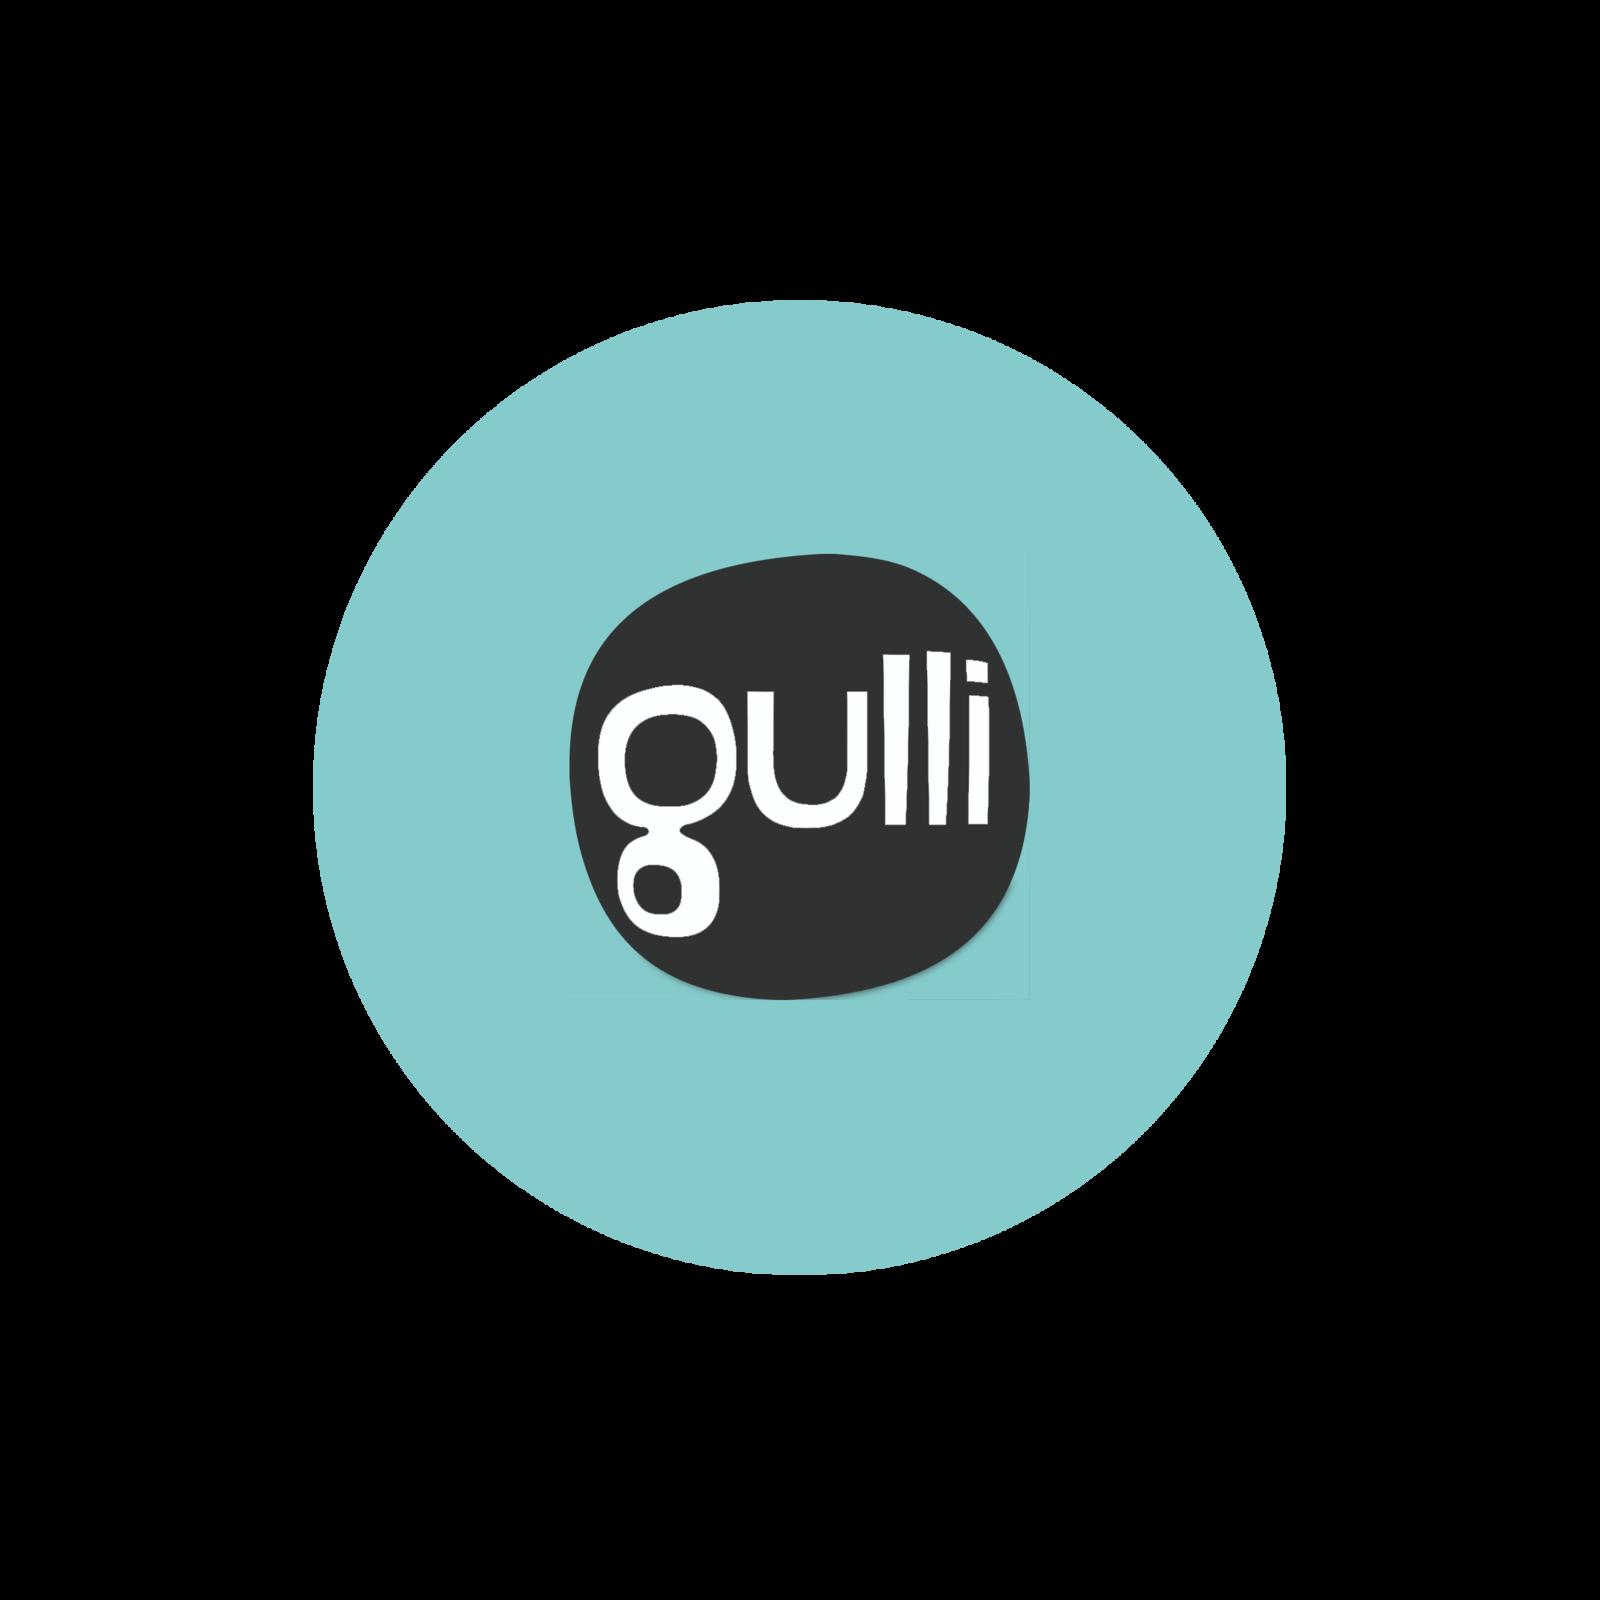 Ruben et les p'tites toques sont de retour pour une 2ème saison le 7 juin sur Gulli.